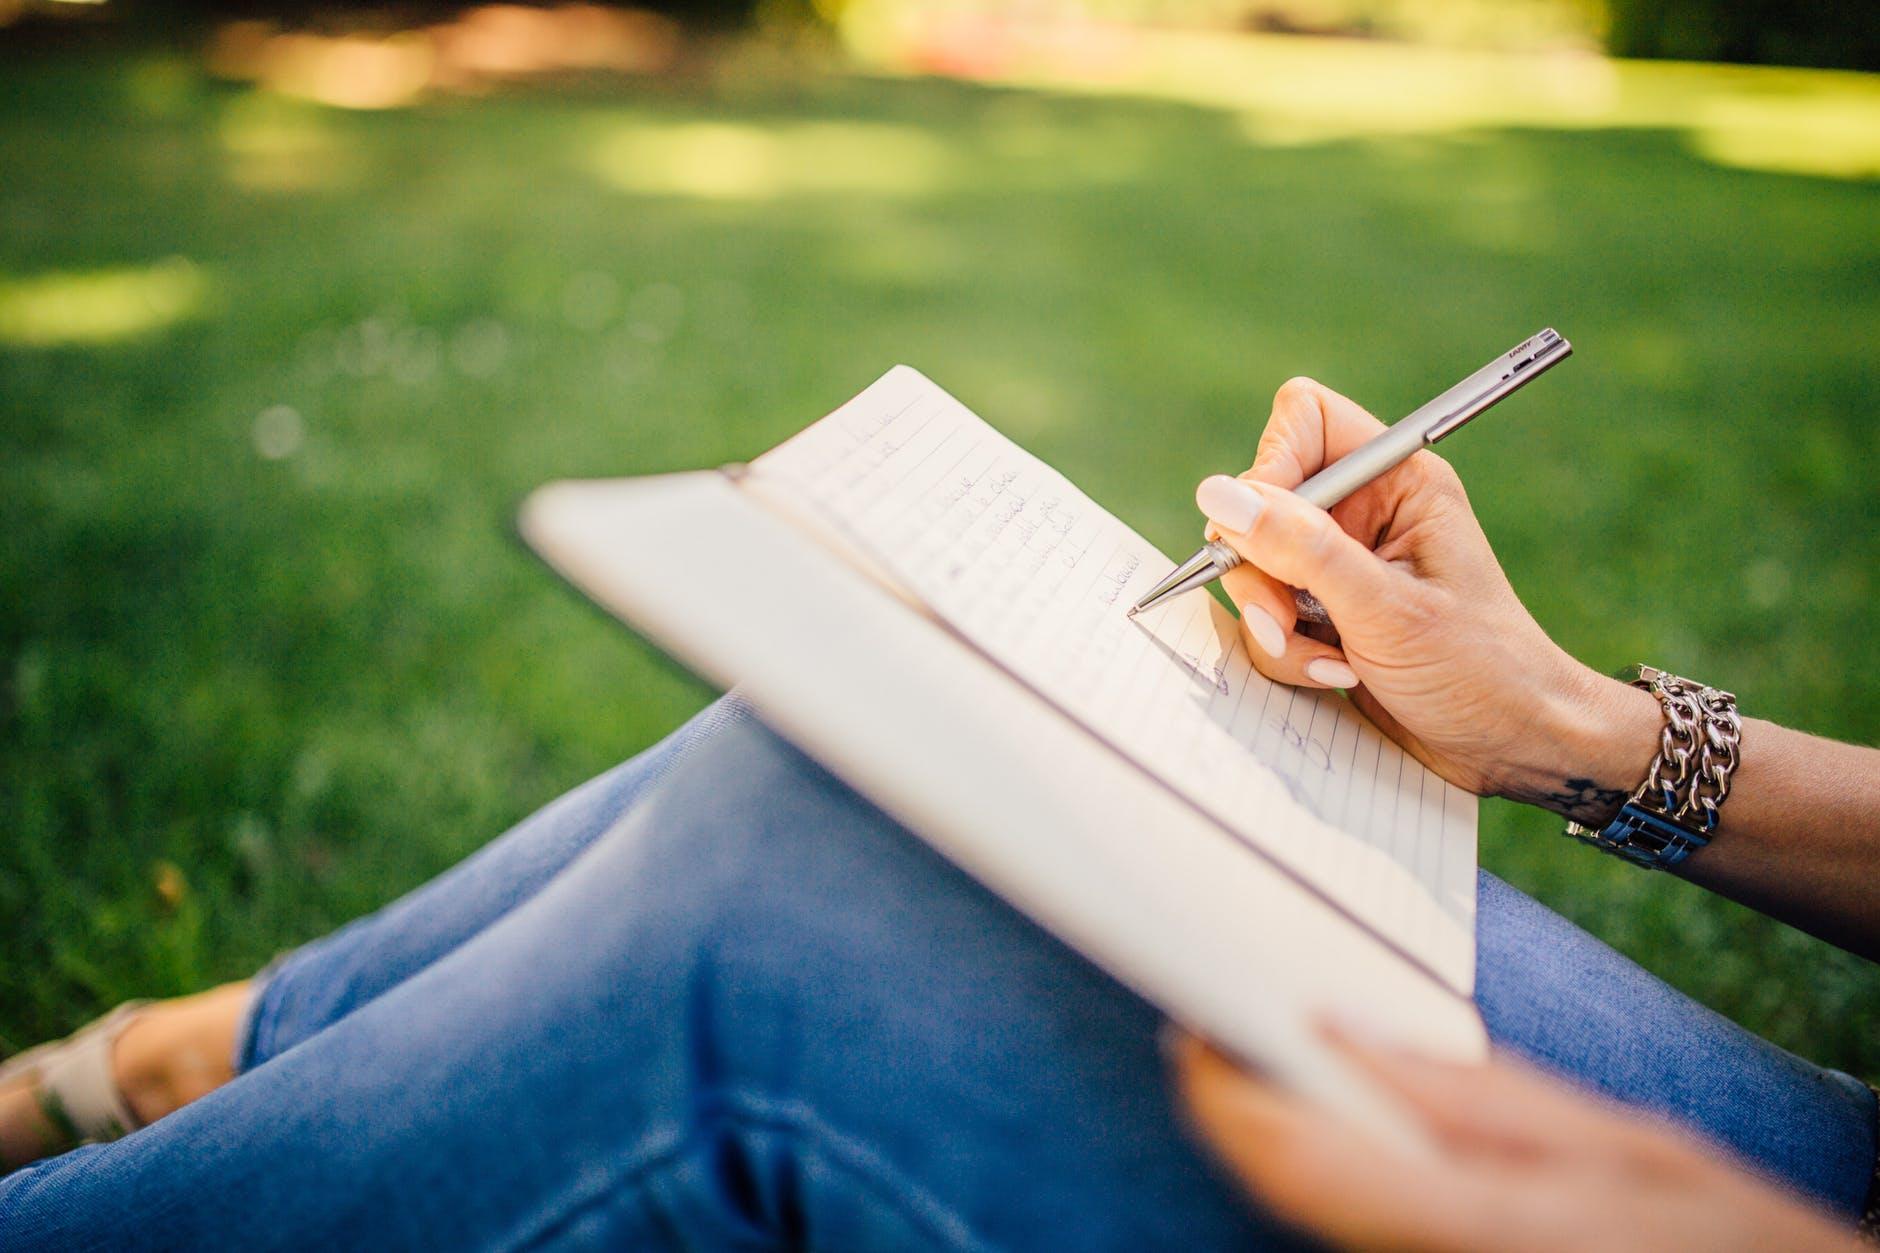 Nieuw! Krijg online ondersteuning bij het schrijven van je verhaal.